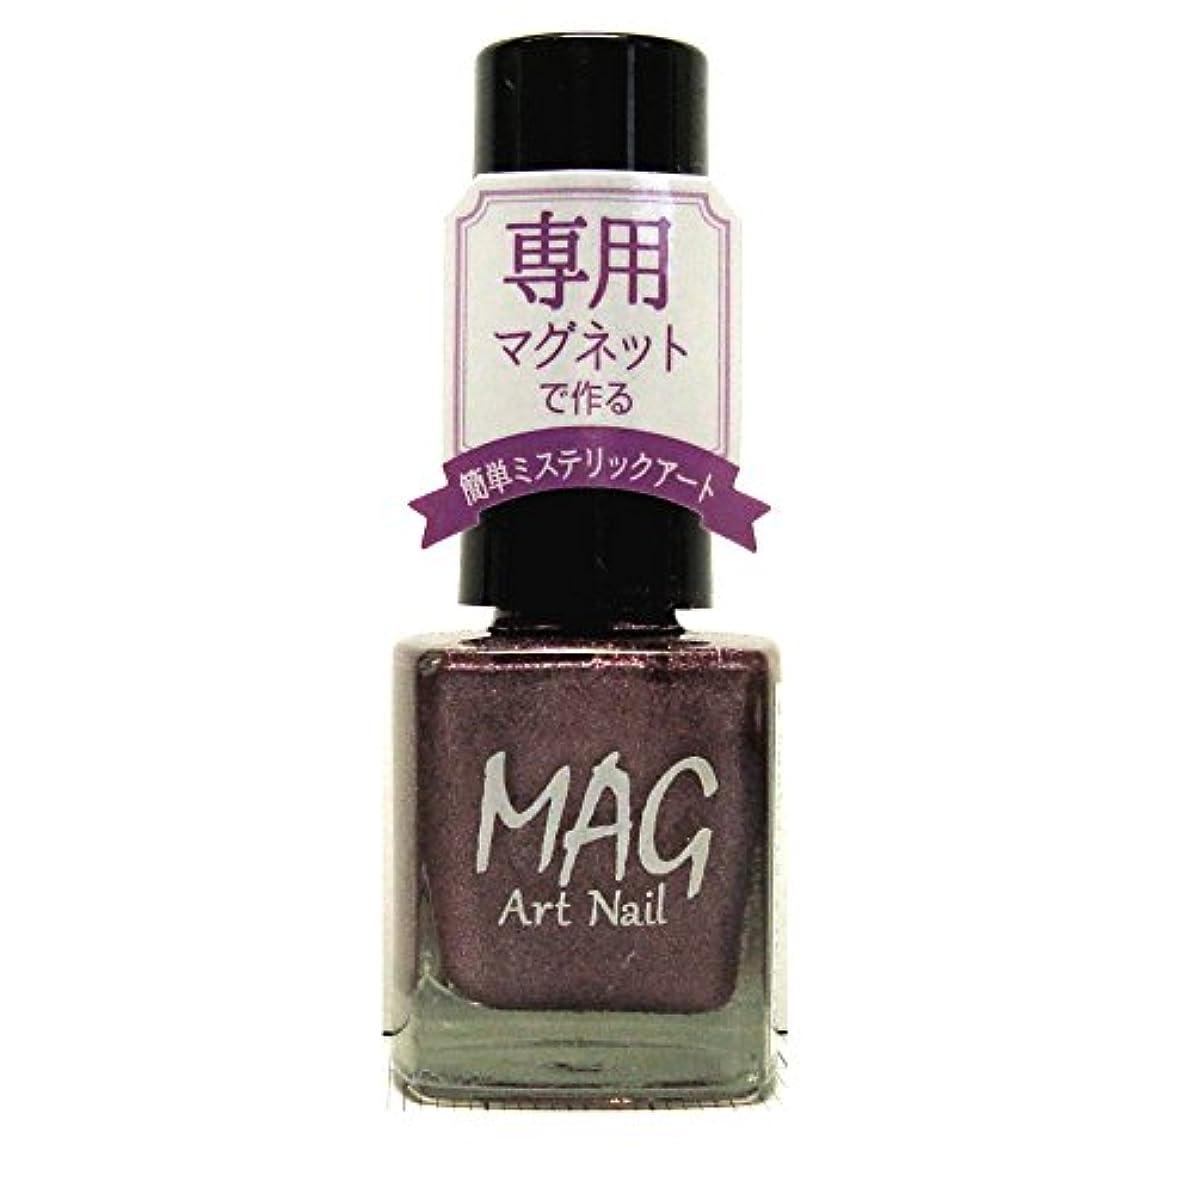 誤ってオートレーザTMマグアートネイル(爪化粧料) TMMA1606 グレースフルグレー